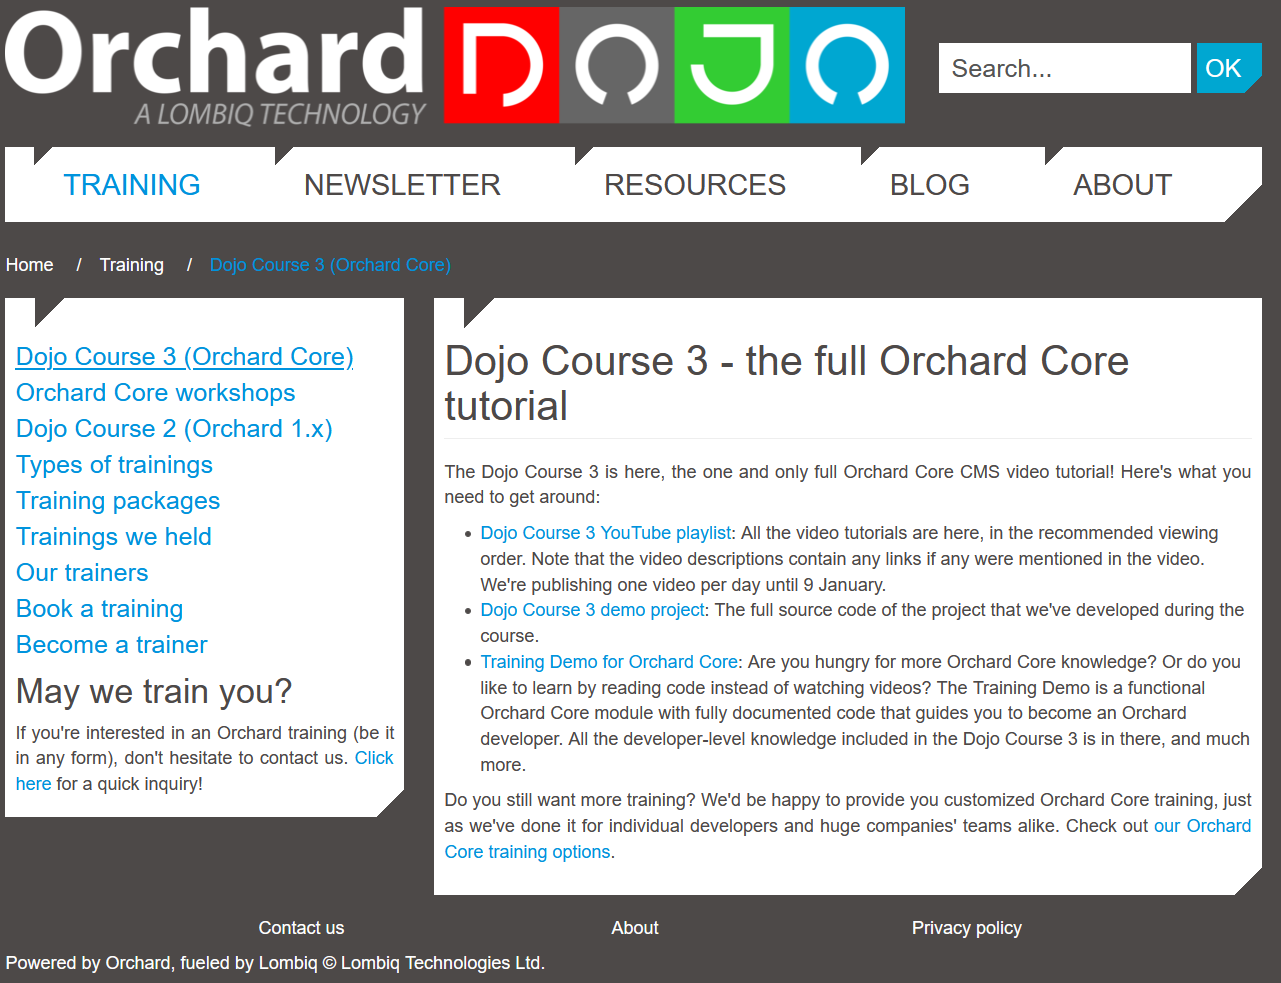 Dojo Course 3 announcement in Orchard Dojo